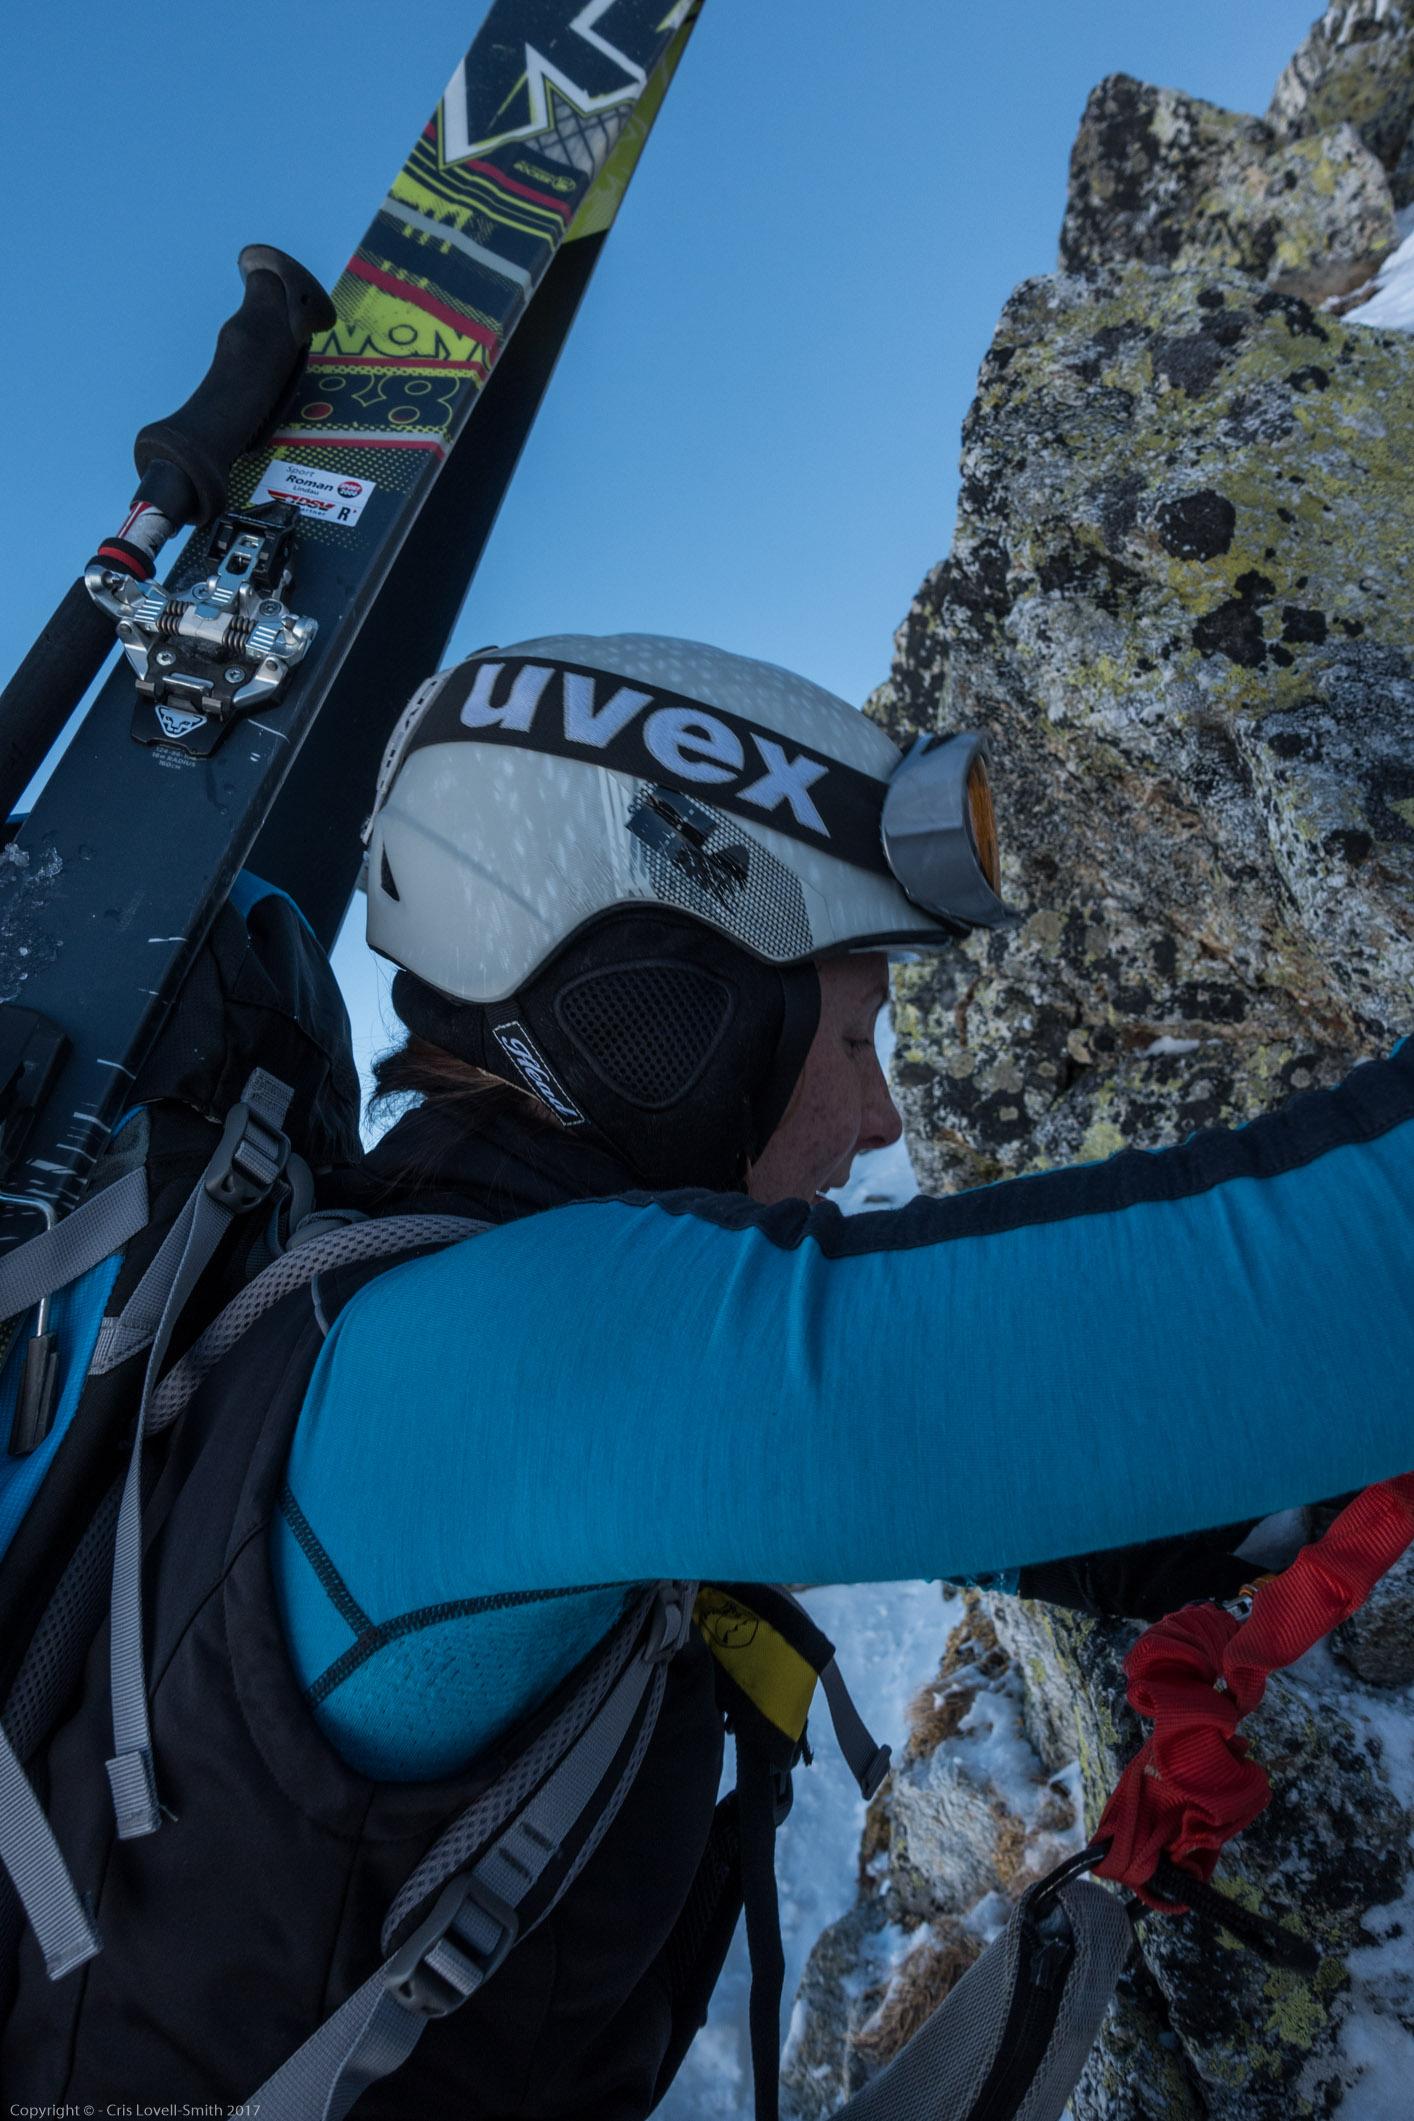 Leonie and skis (Arlberger Winterklettersteig March 2017)